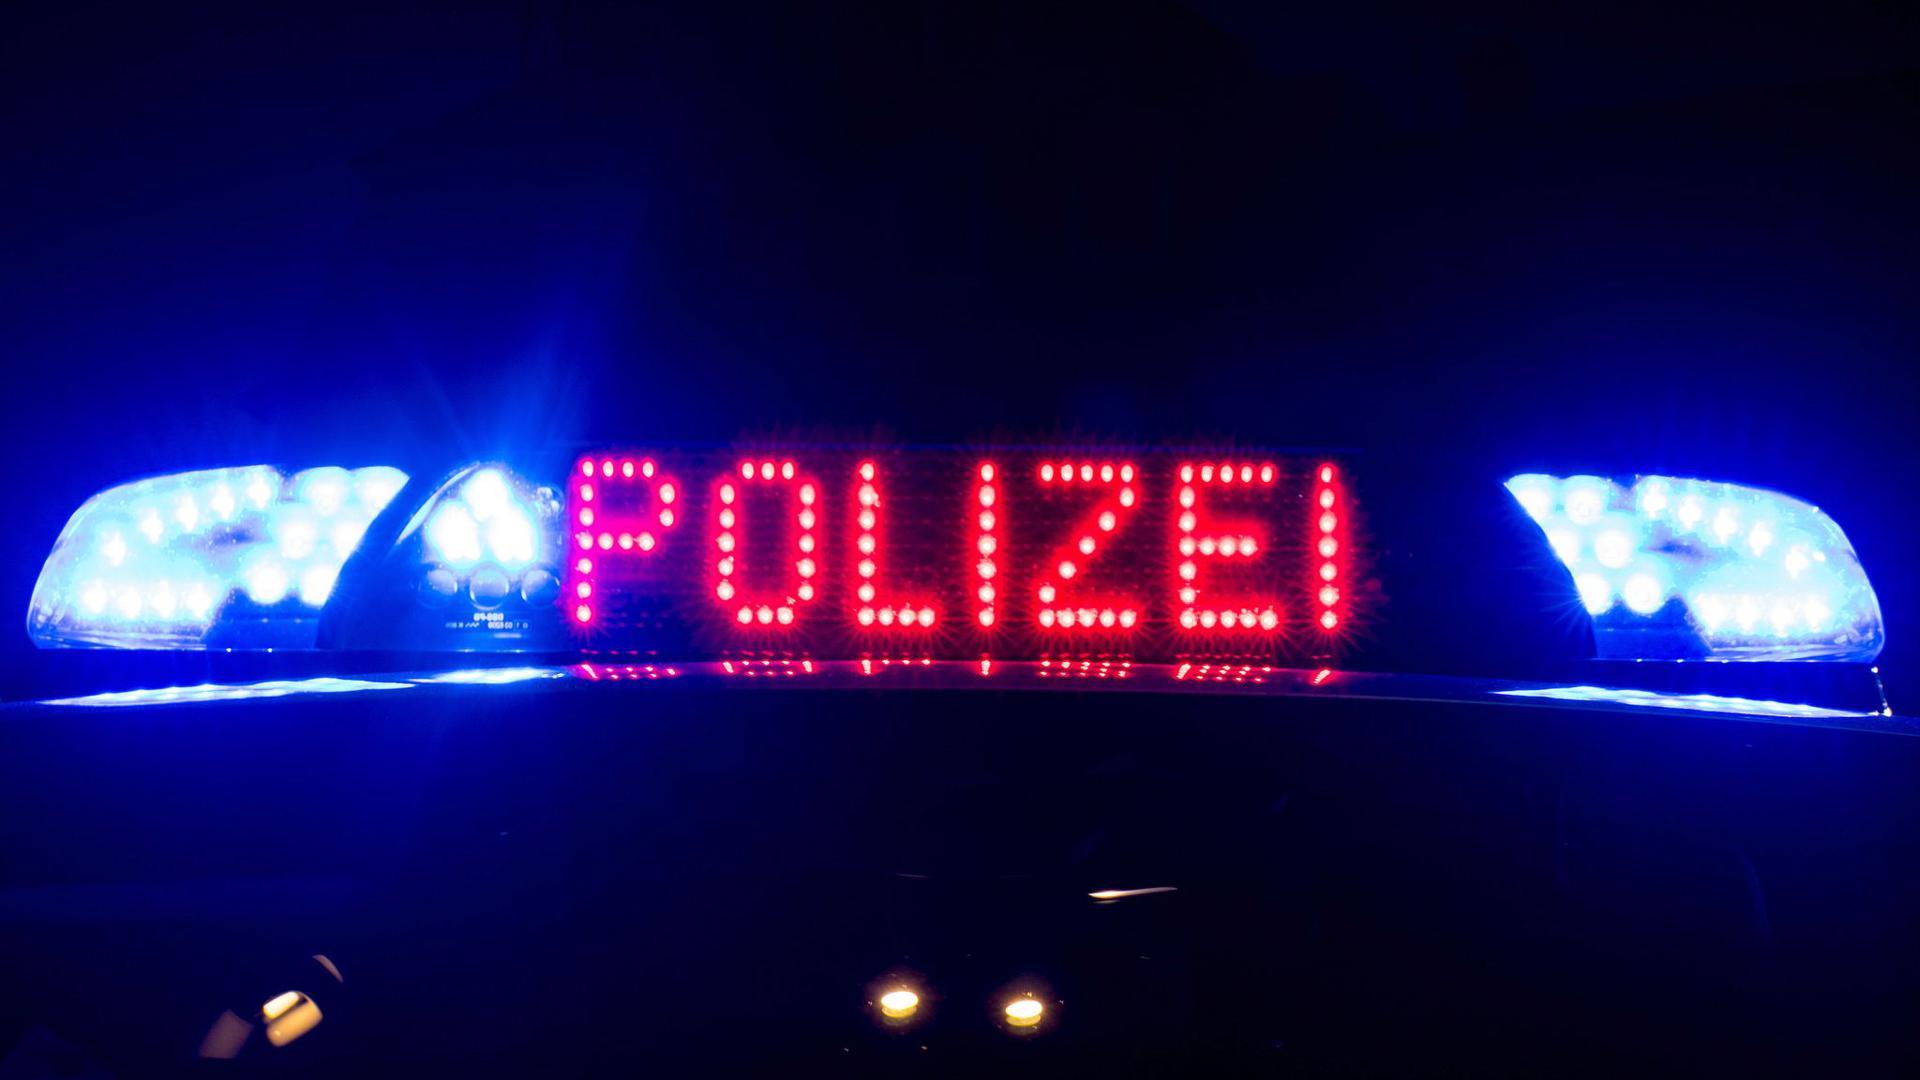 Das Blaulicht auf einem Polizeiauto.